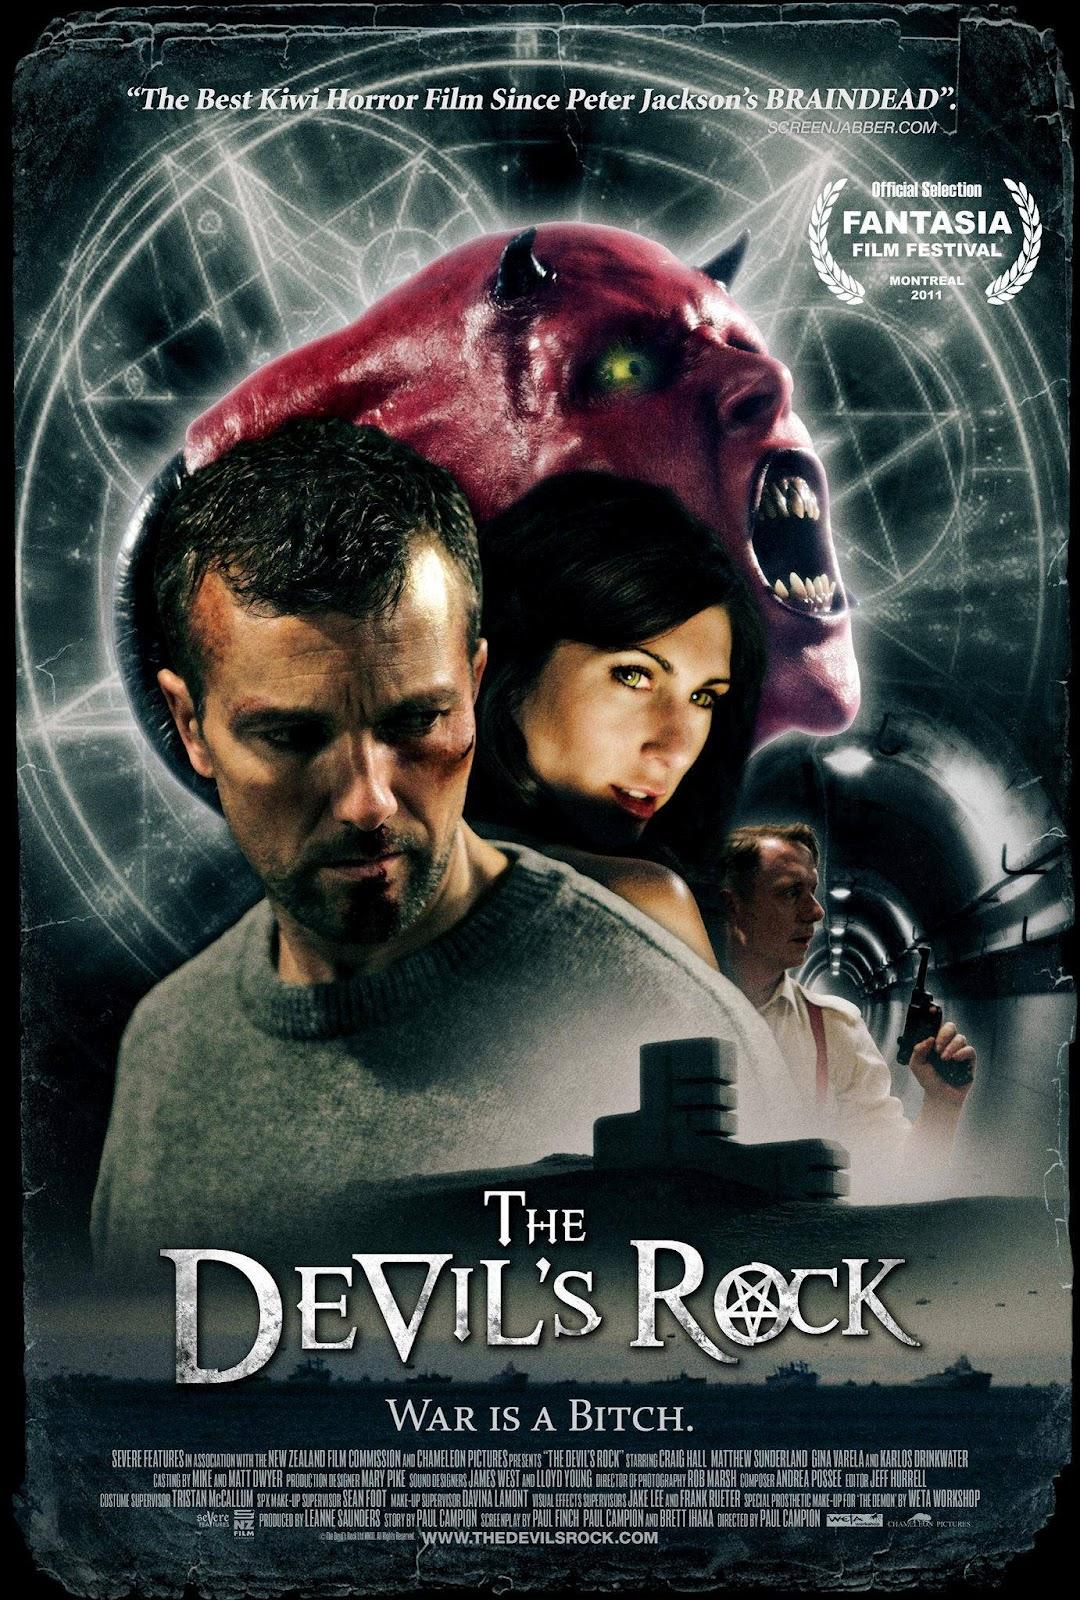 http://4.bp.blogspot.com/-nNuiGKJwEms/T3Fh923R0ZI/AAAAAAAAAqo/NQHj0DUc-aQ/s1600/The+Devil%E2%80%99s+Rock+%282011%29.jpg